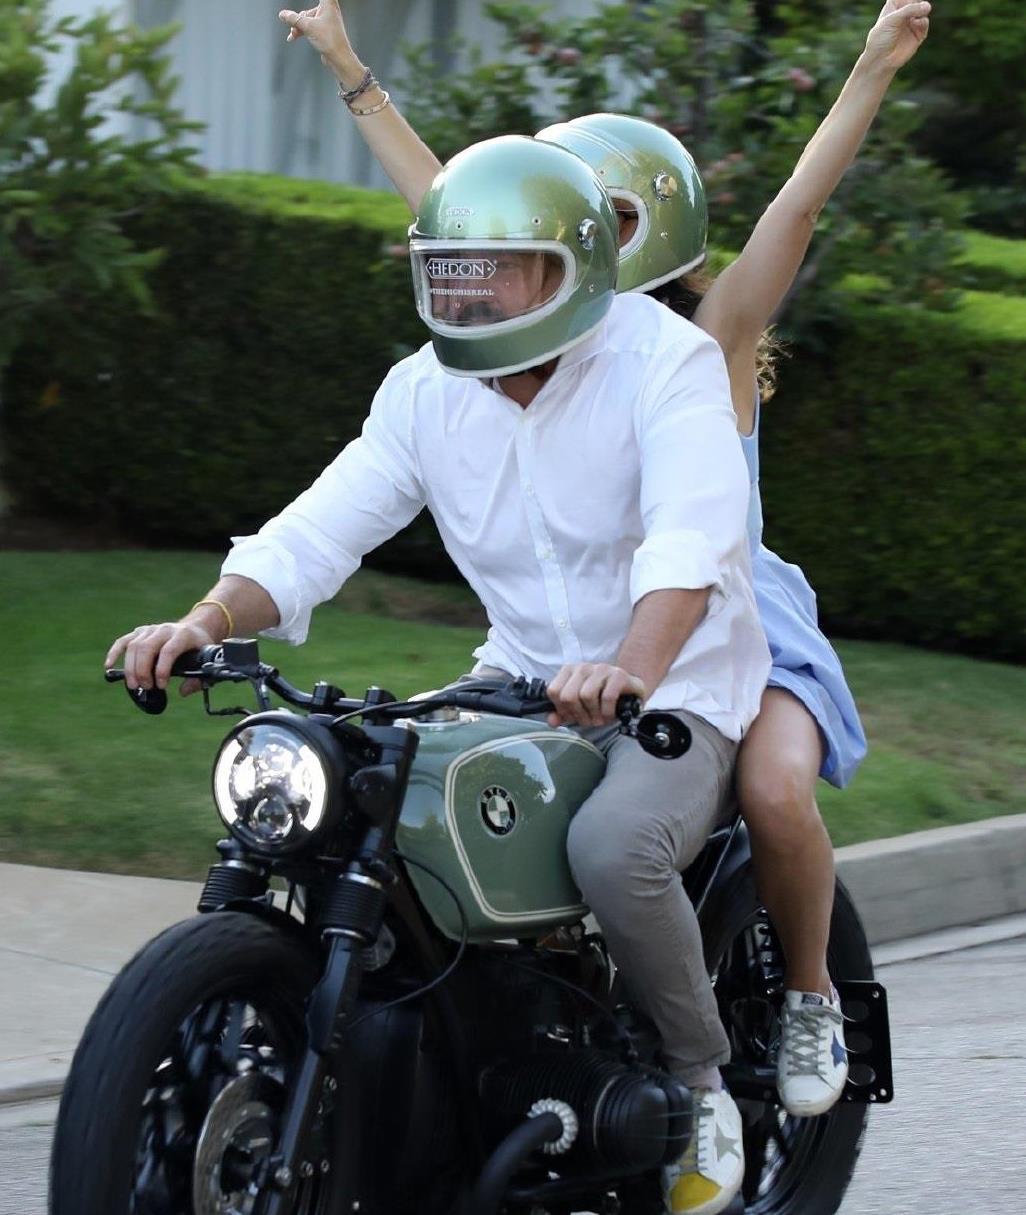 """安娜·德·阿玛斯和大本骑摩托兜风太""""浪漫"""",穿蓝裙清纯又年轻"""